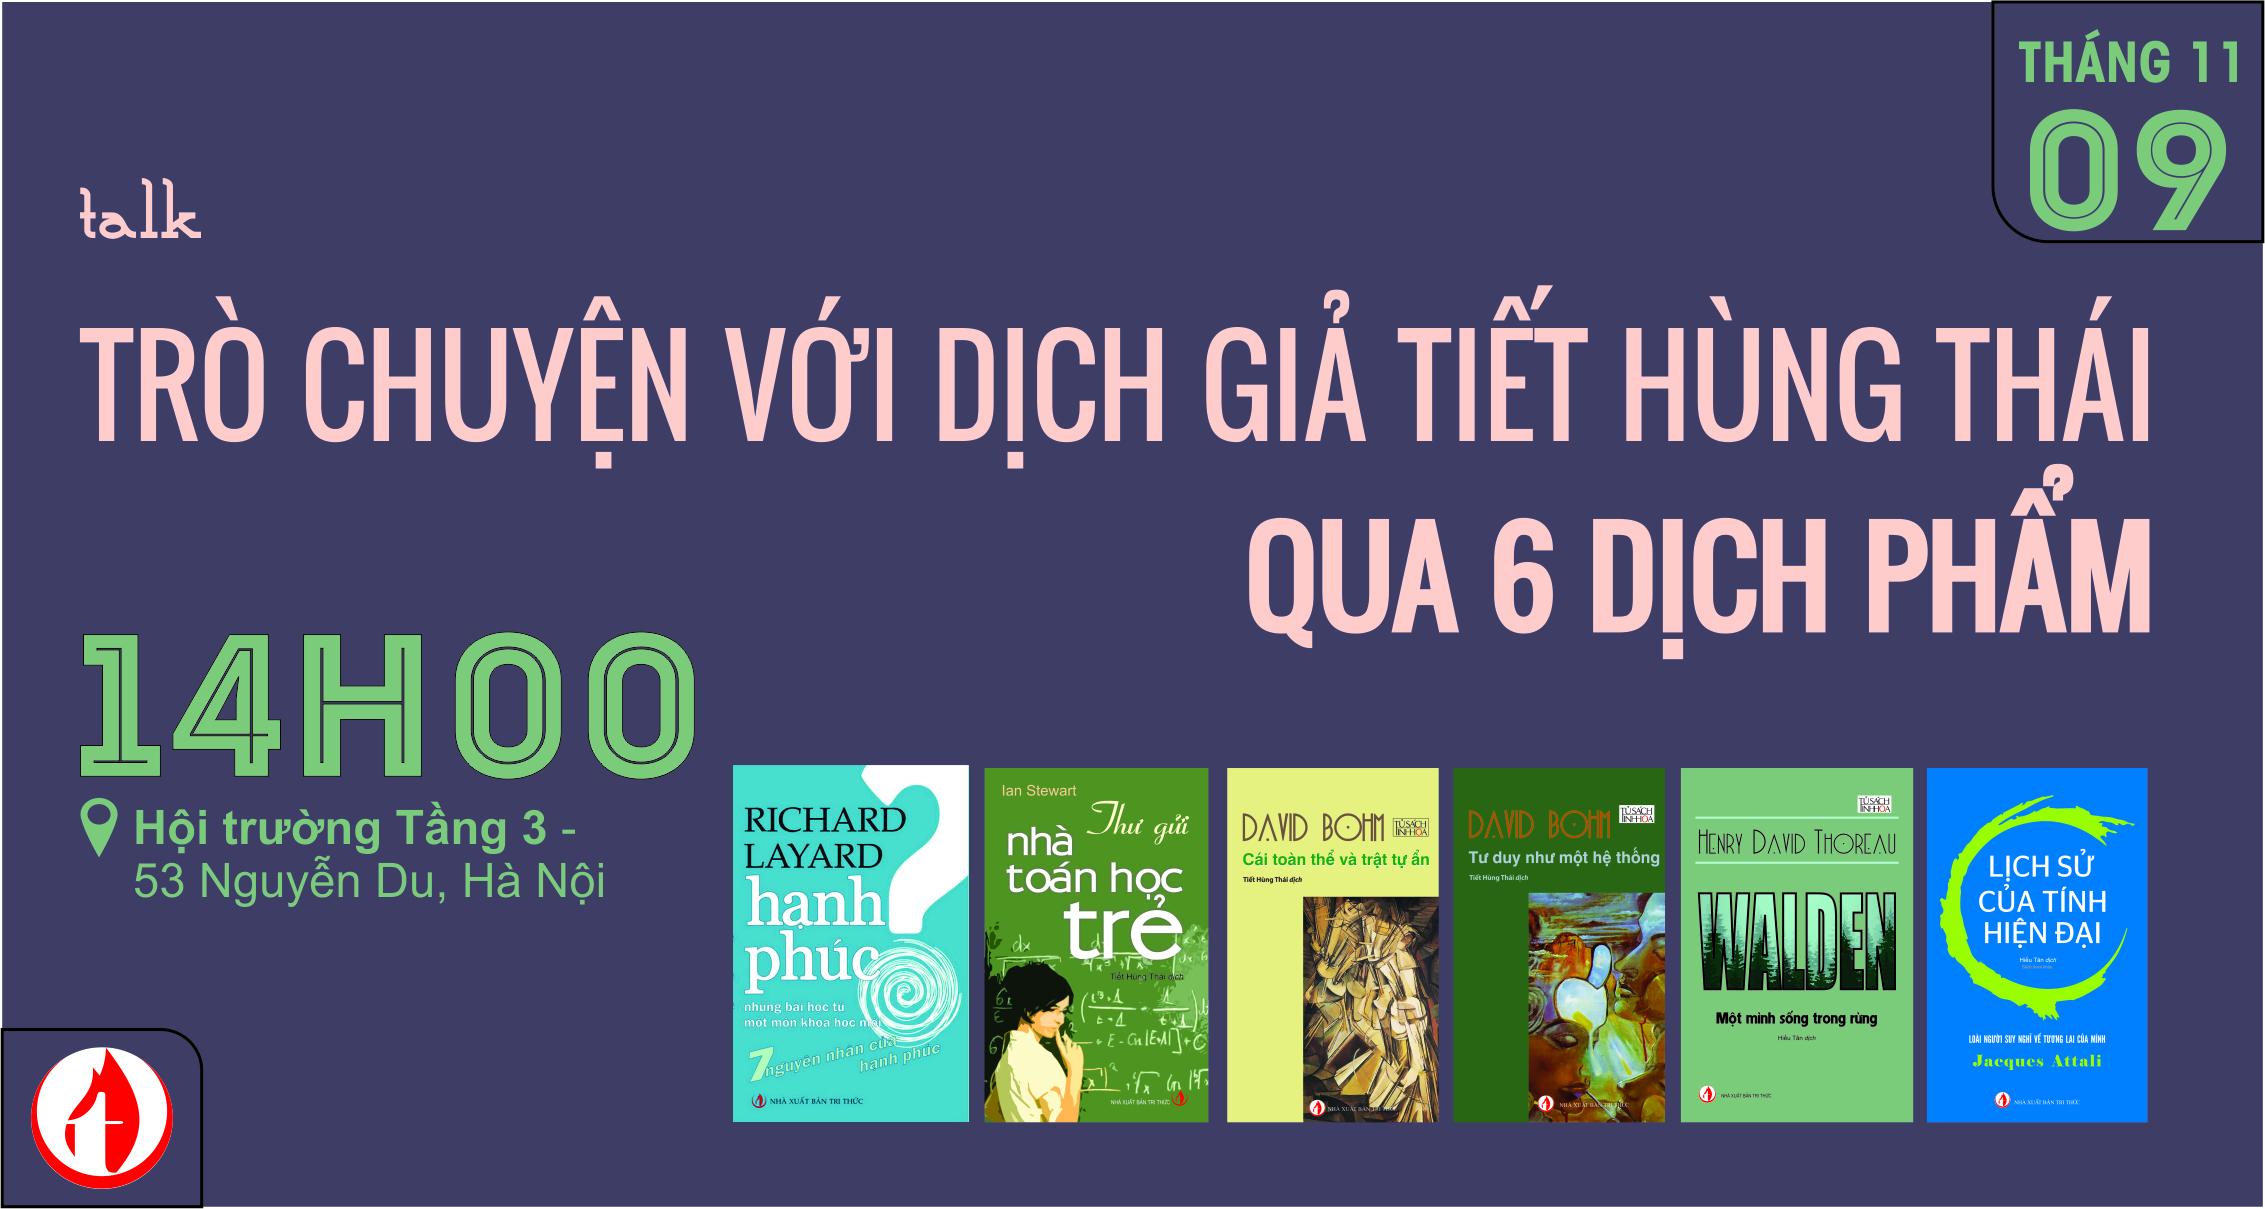 Trò chuyện với dịch giả Tiết Hùng Thái qua 6 dịch phẩm